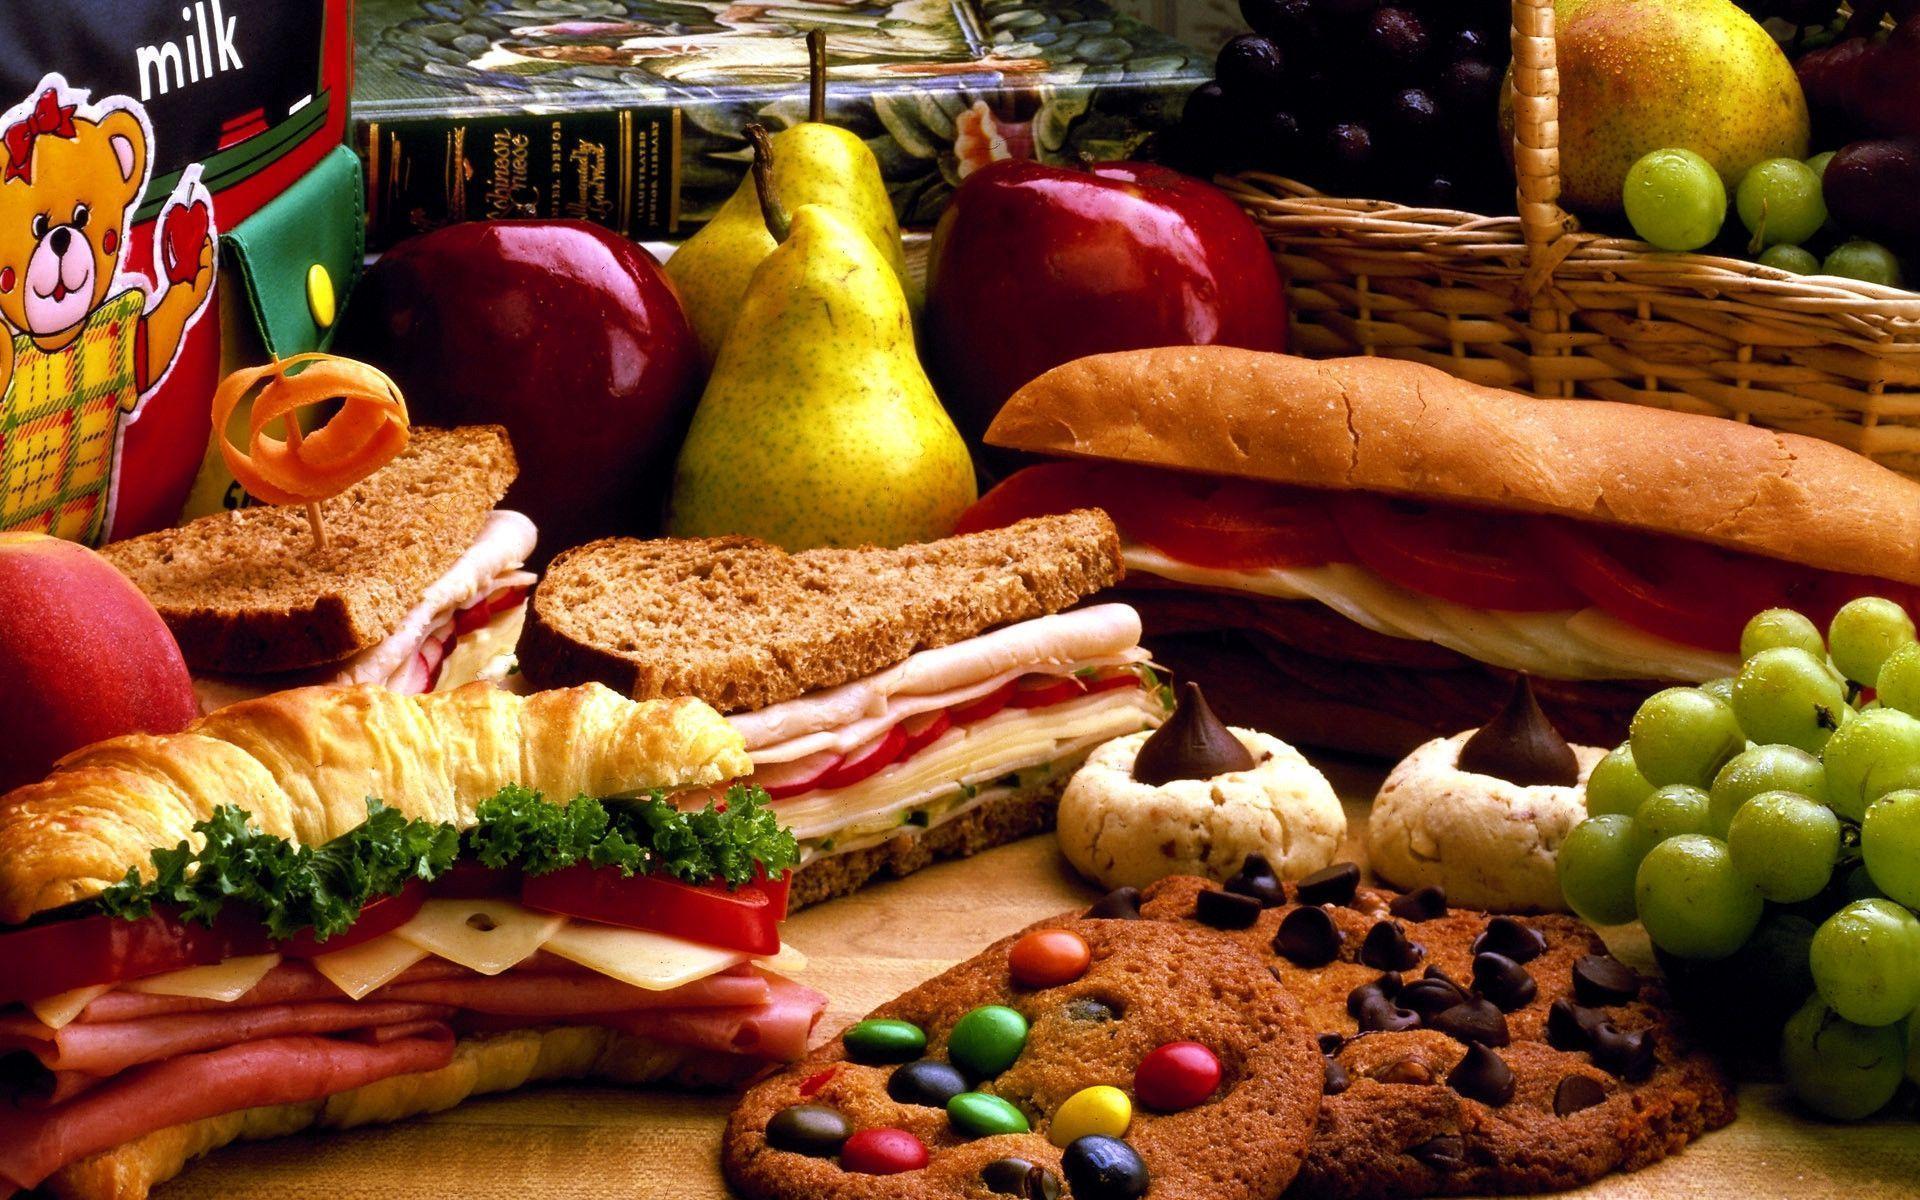 , غذا, بنیاد فرهنگ تغذیه | حکیم رضی